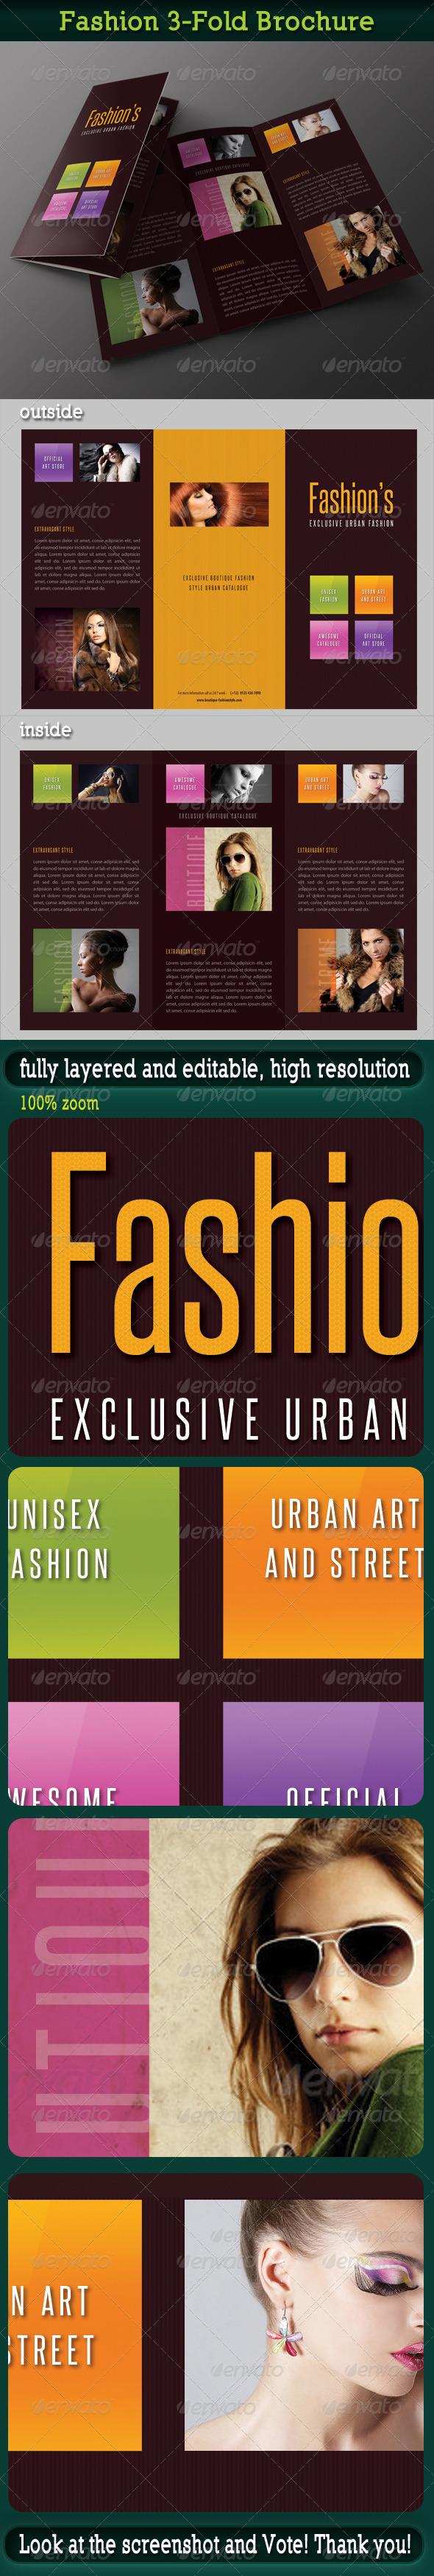 GraphicRiver Fashion 3-Fold Brochure 18 7035634